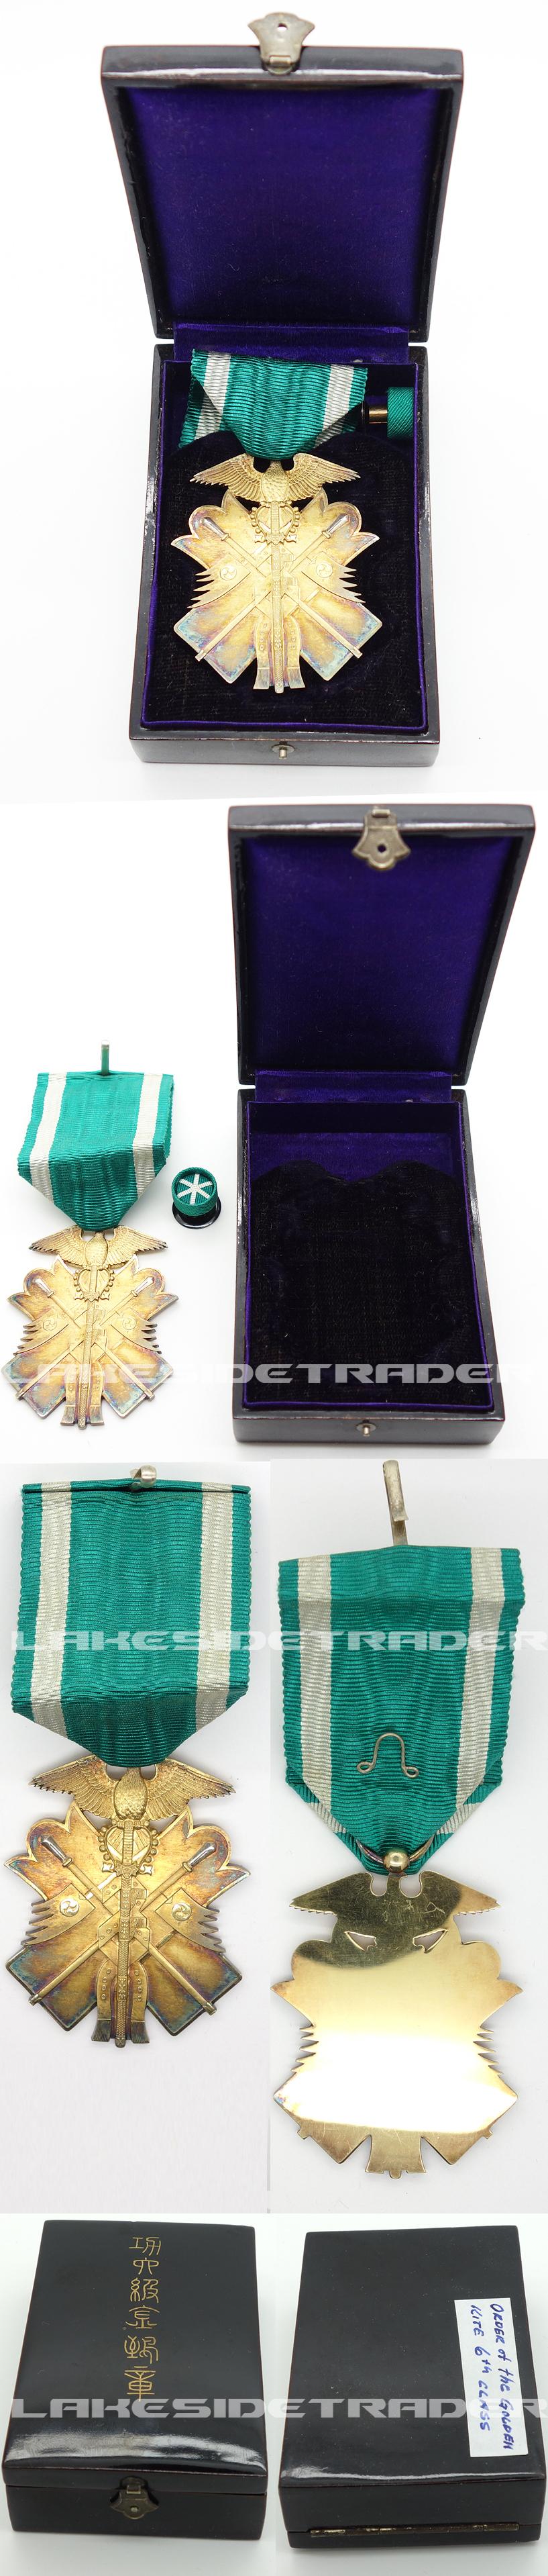 Cased Order of the Golden Kite 6th Class w Rosette